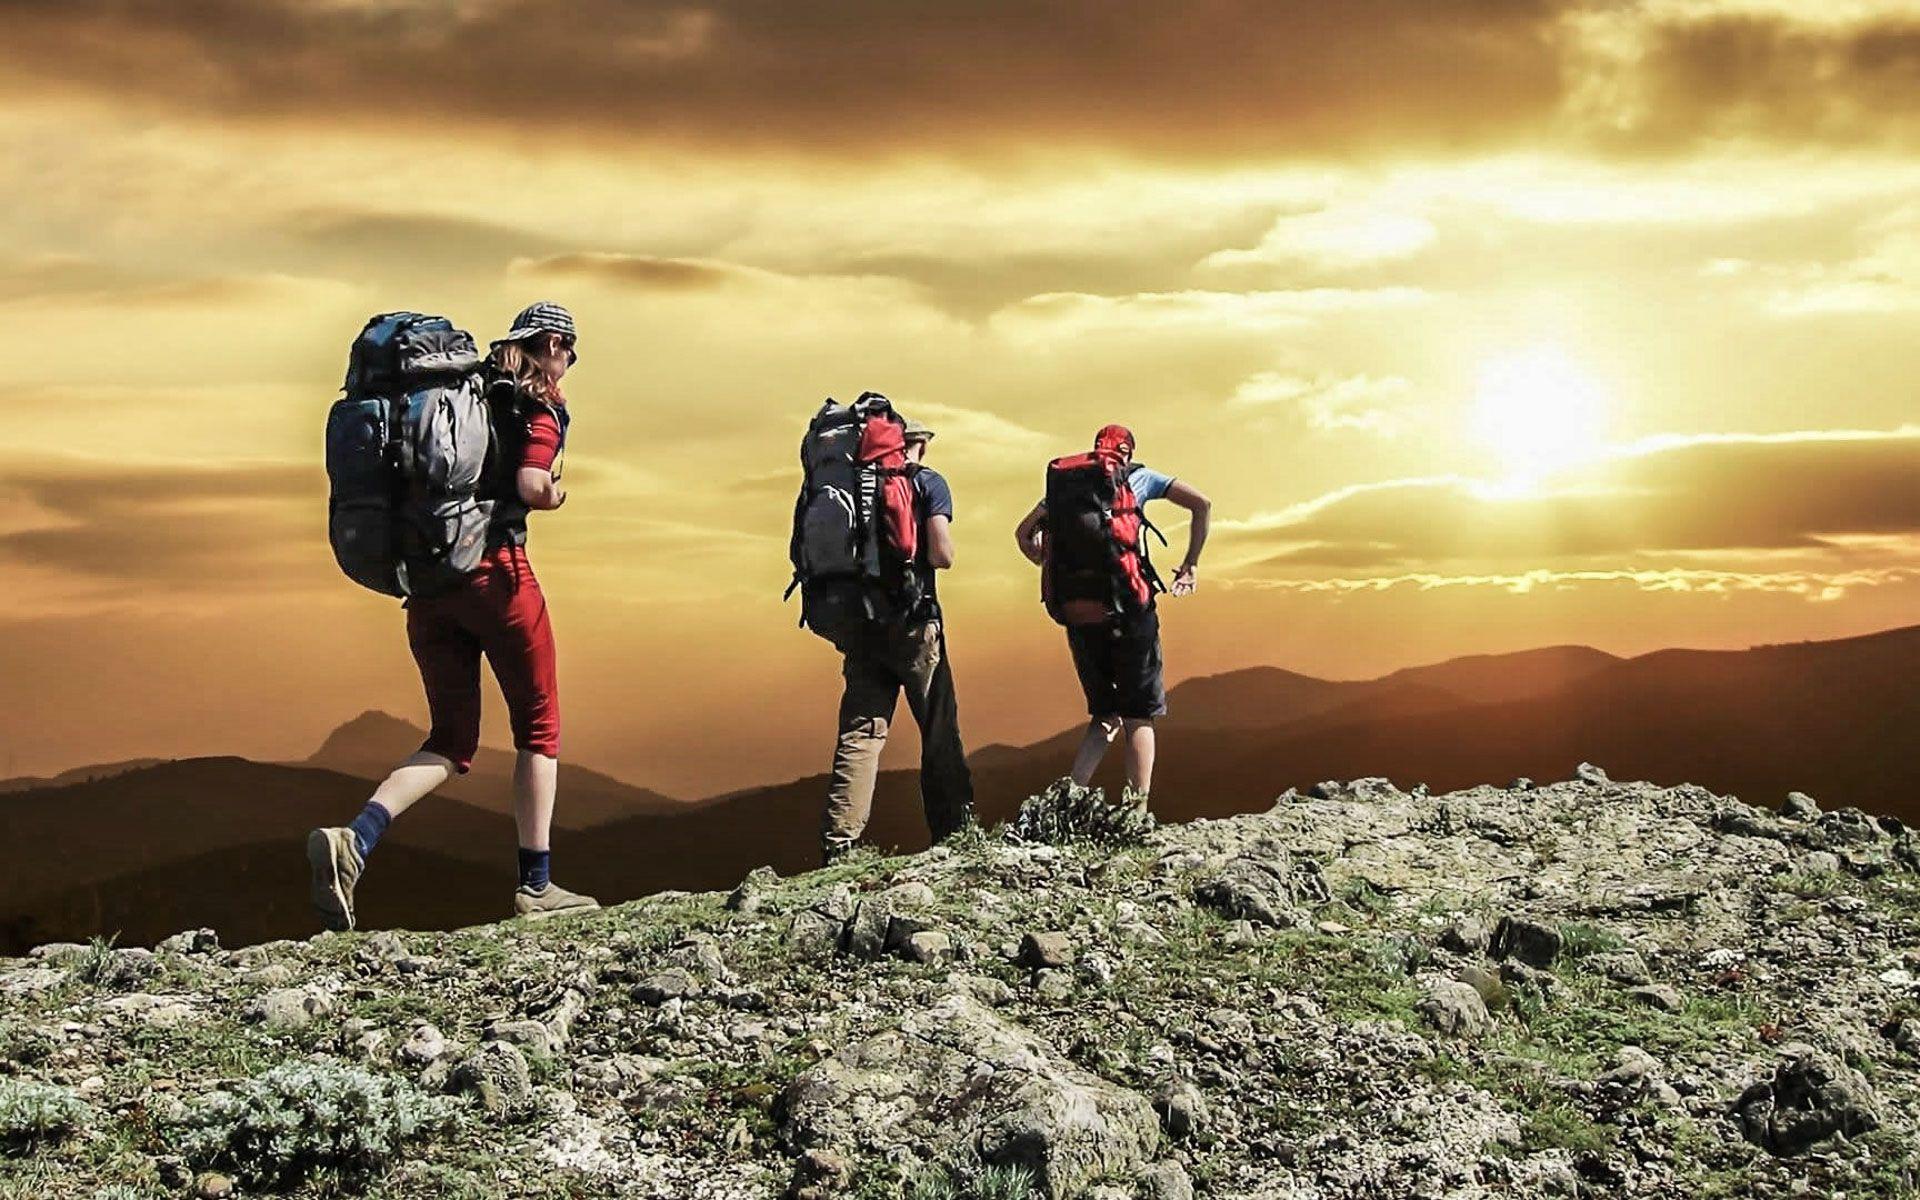 478b677414c8b Équipement et accessoires de randonnée : Les indispensables - Les ...